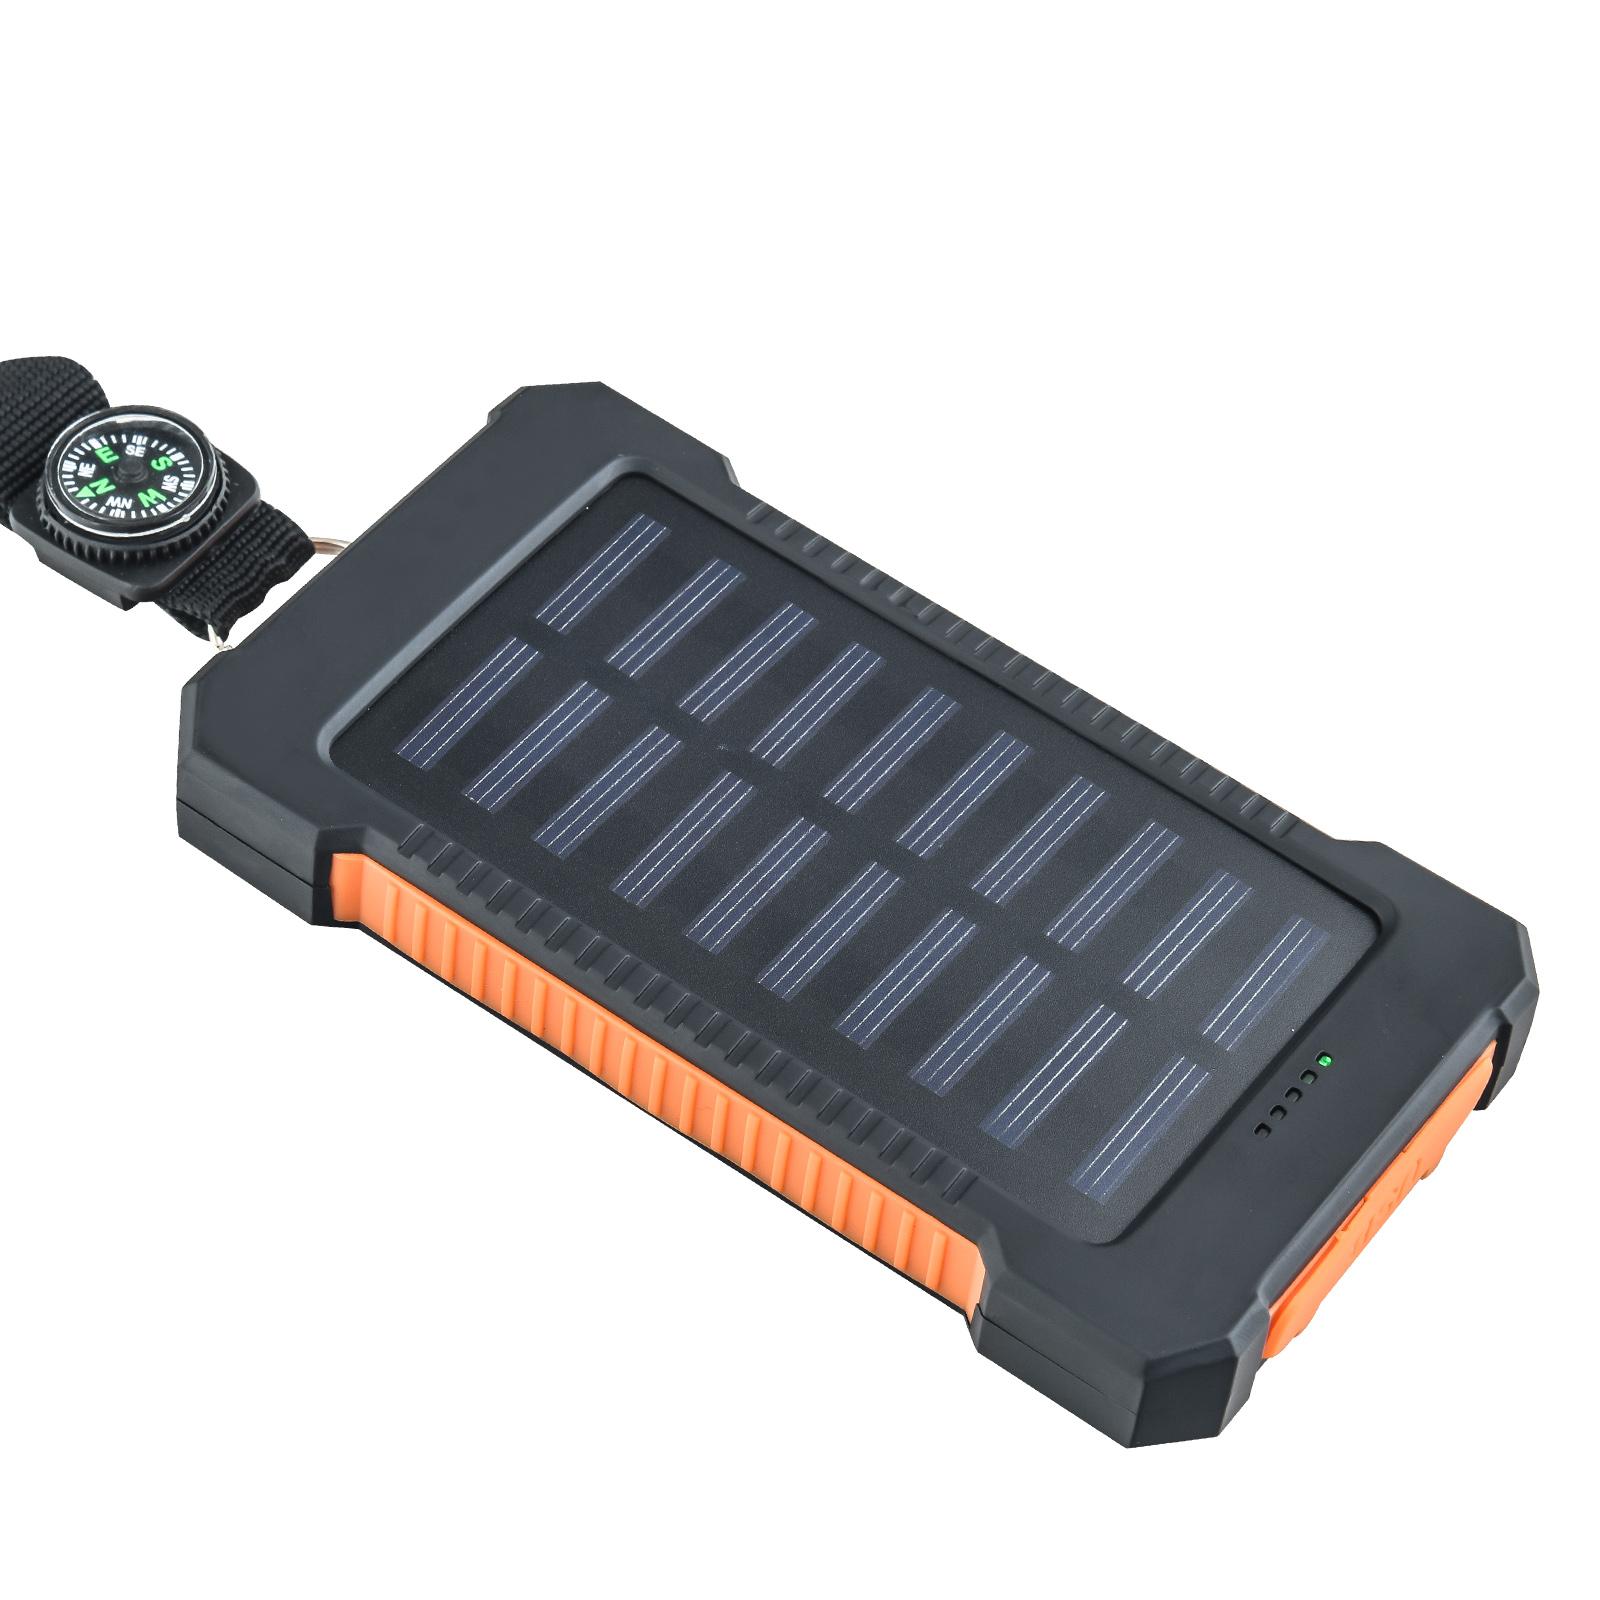 Портативный повер-банк (10000 mAh) с солнечной батареей и компасом + фонарем